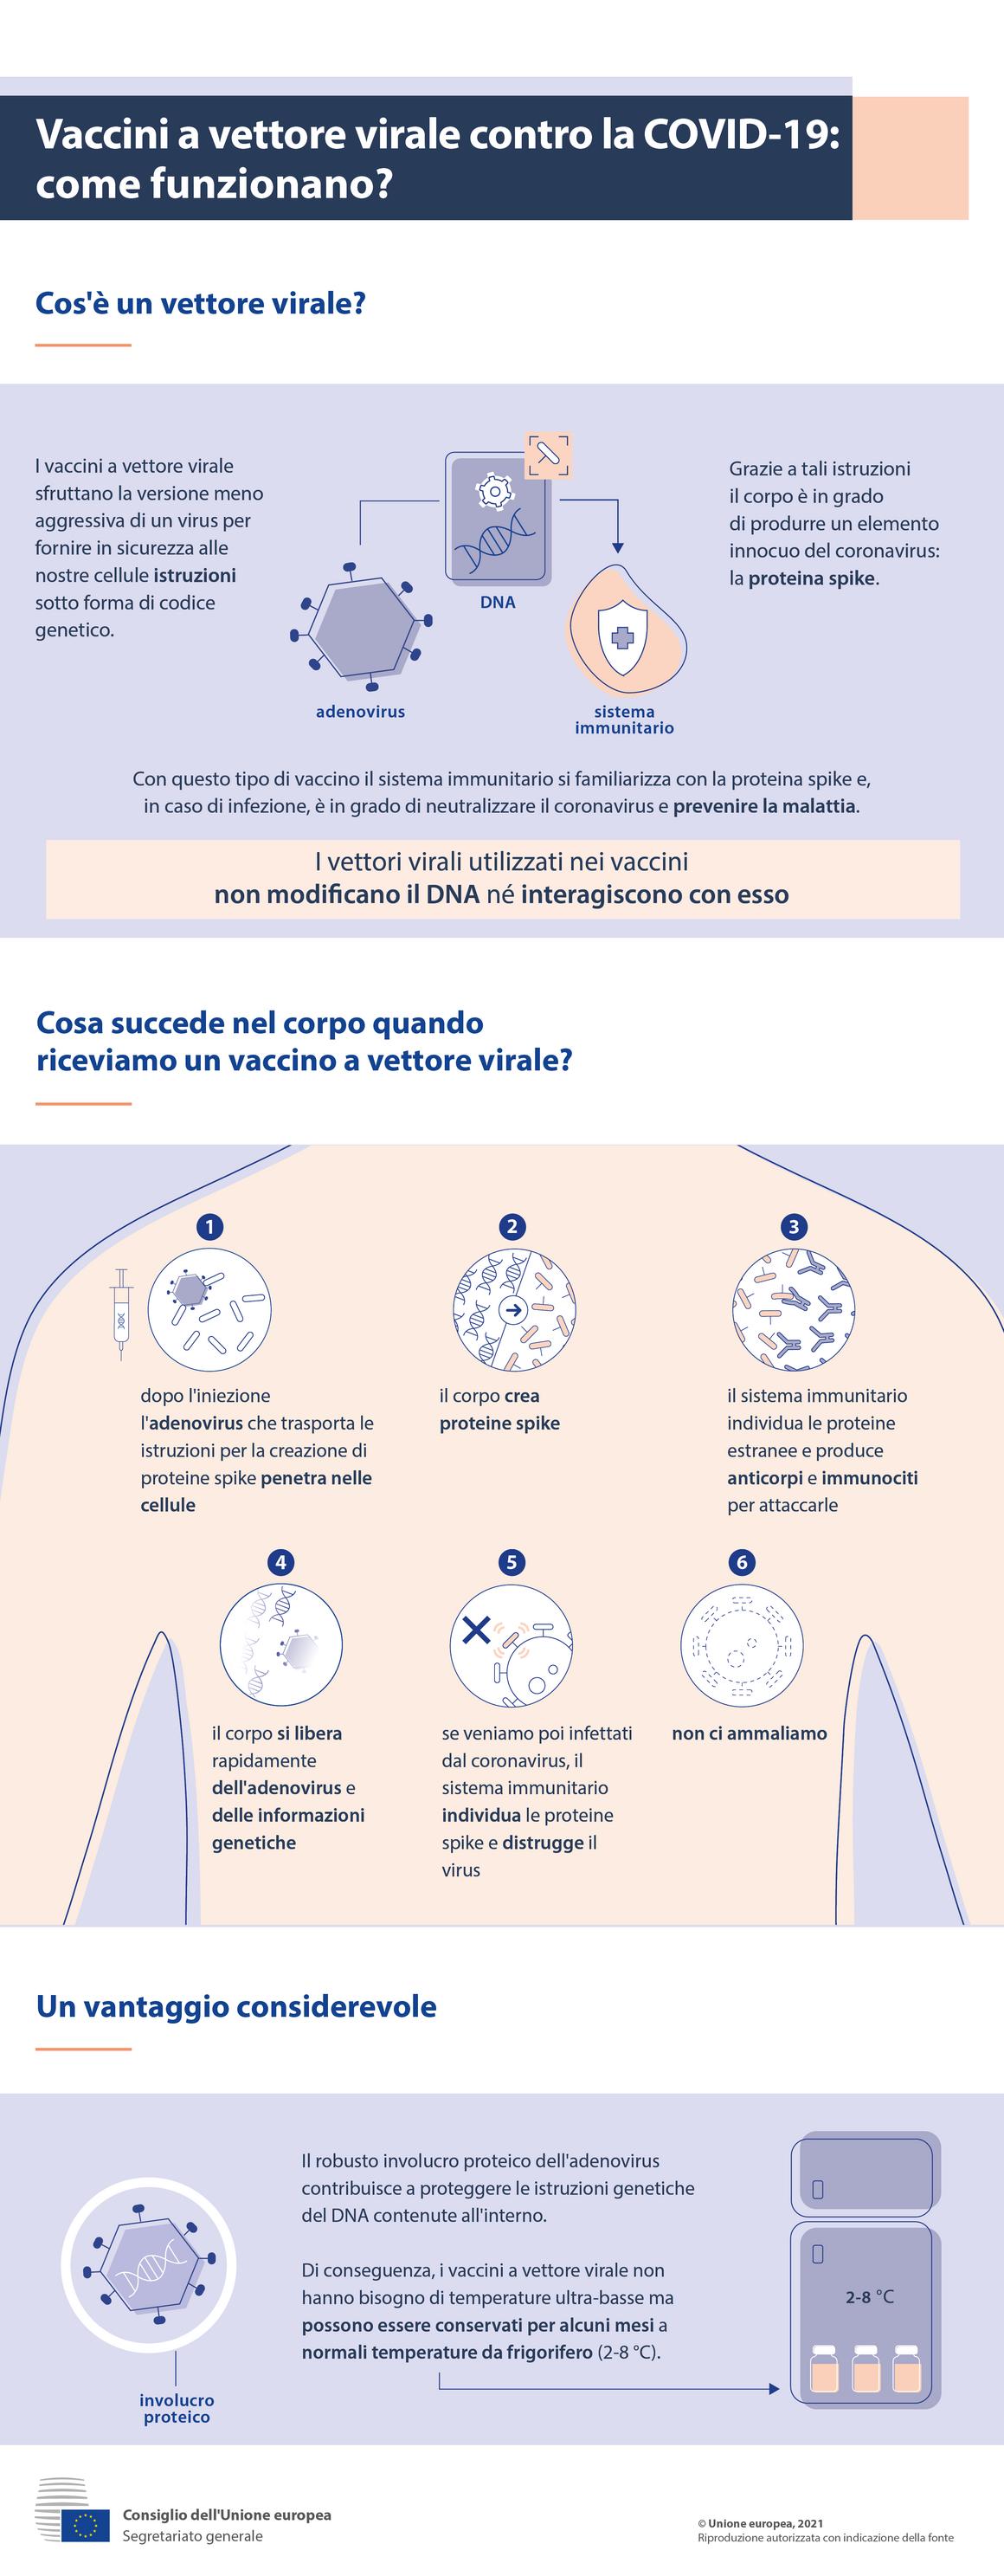 Infografica - Vaccini a vettore virale contro la Covid-19: come funzionano?